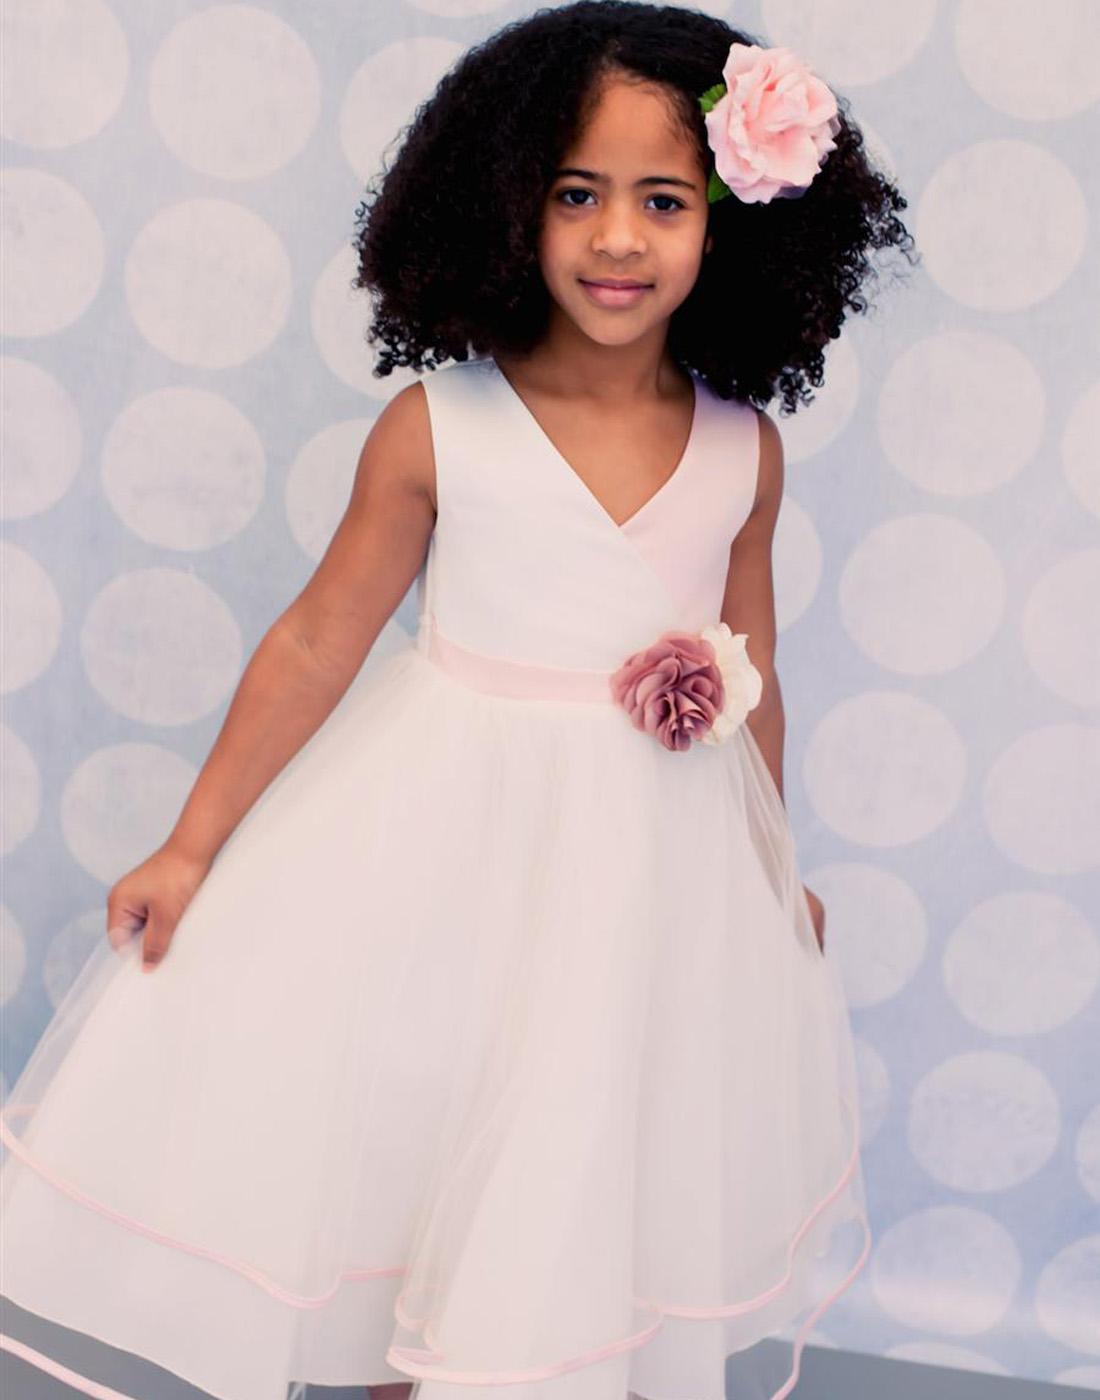 Flower-Girl-Dress-V-neck-Satin-Bodice-and-Tulle-Girls-Dress-Party-Dress thumbnail 4